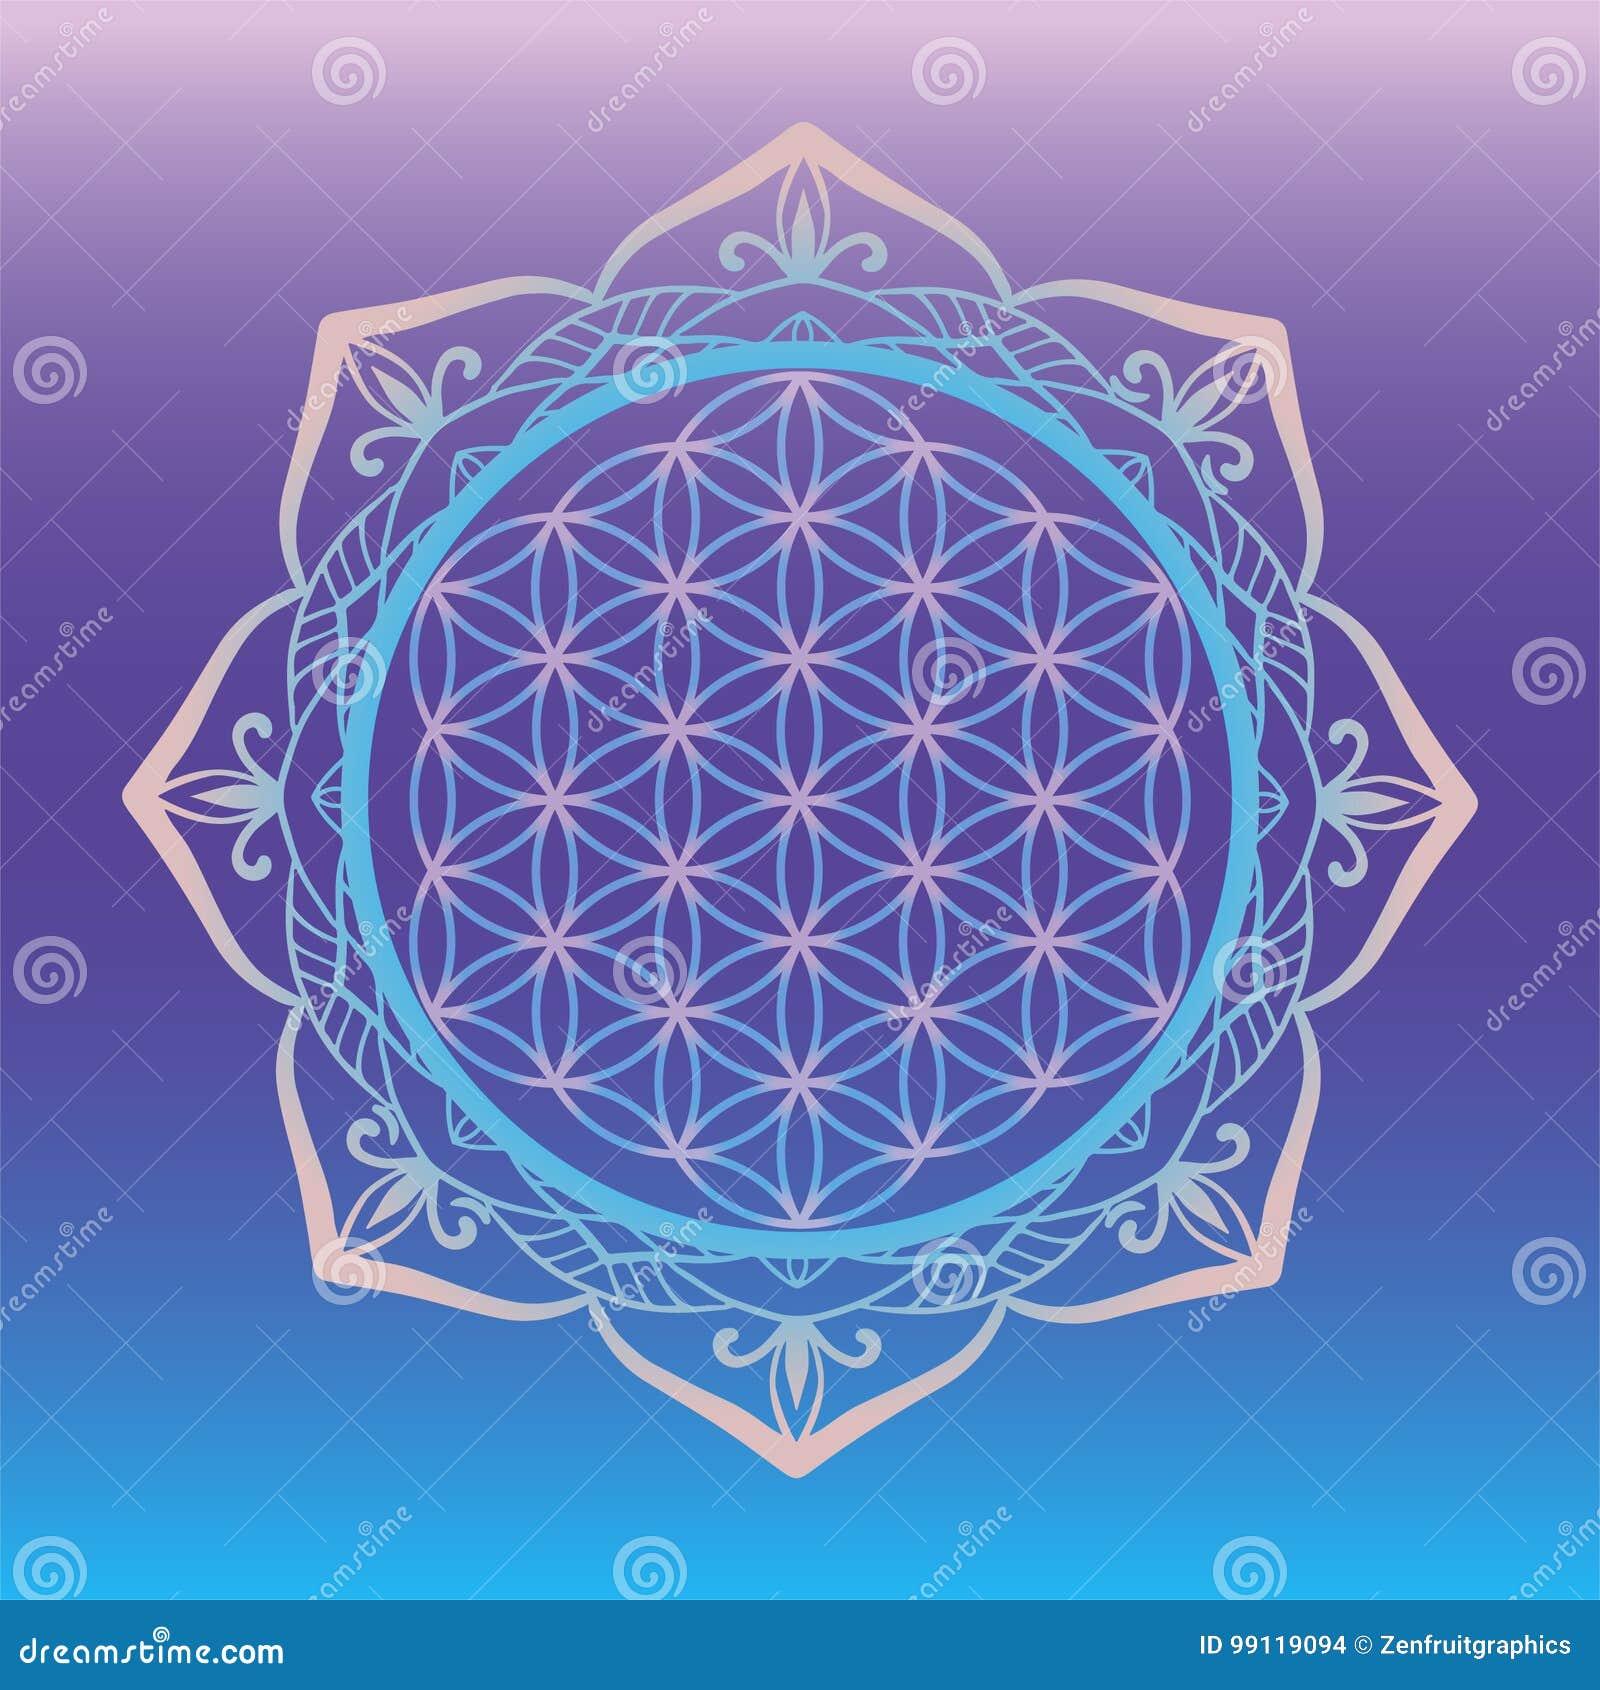 Het Embleem Van De Yogastudio Bloem Van Het Leven Met Ronde Mandala